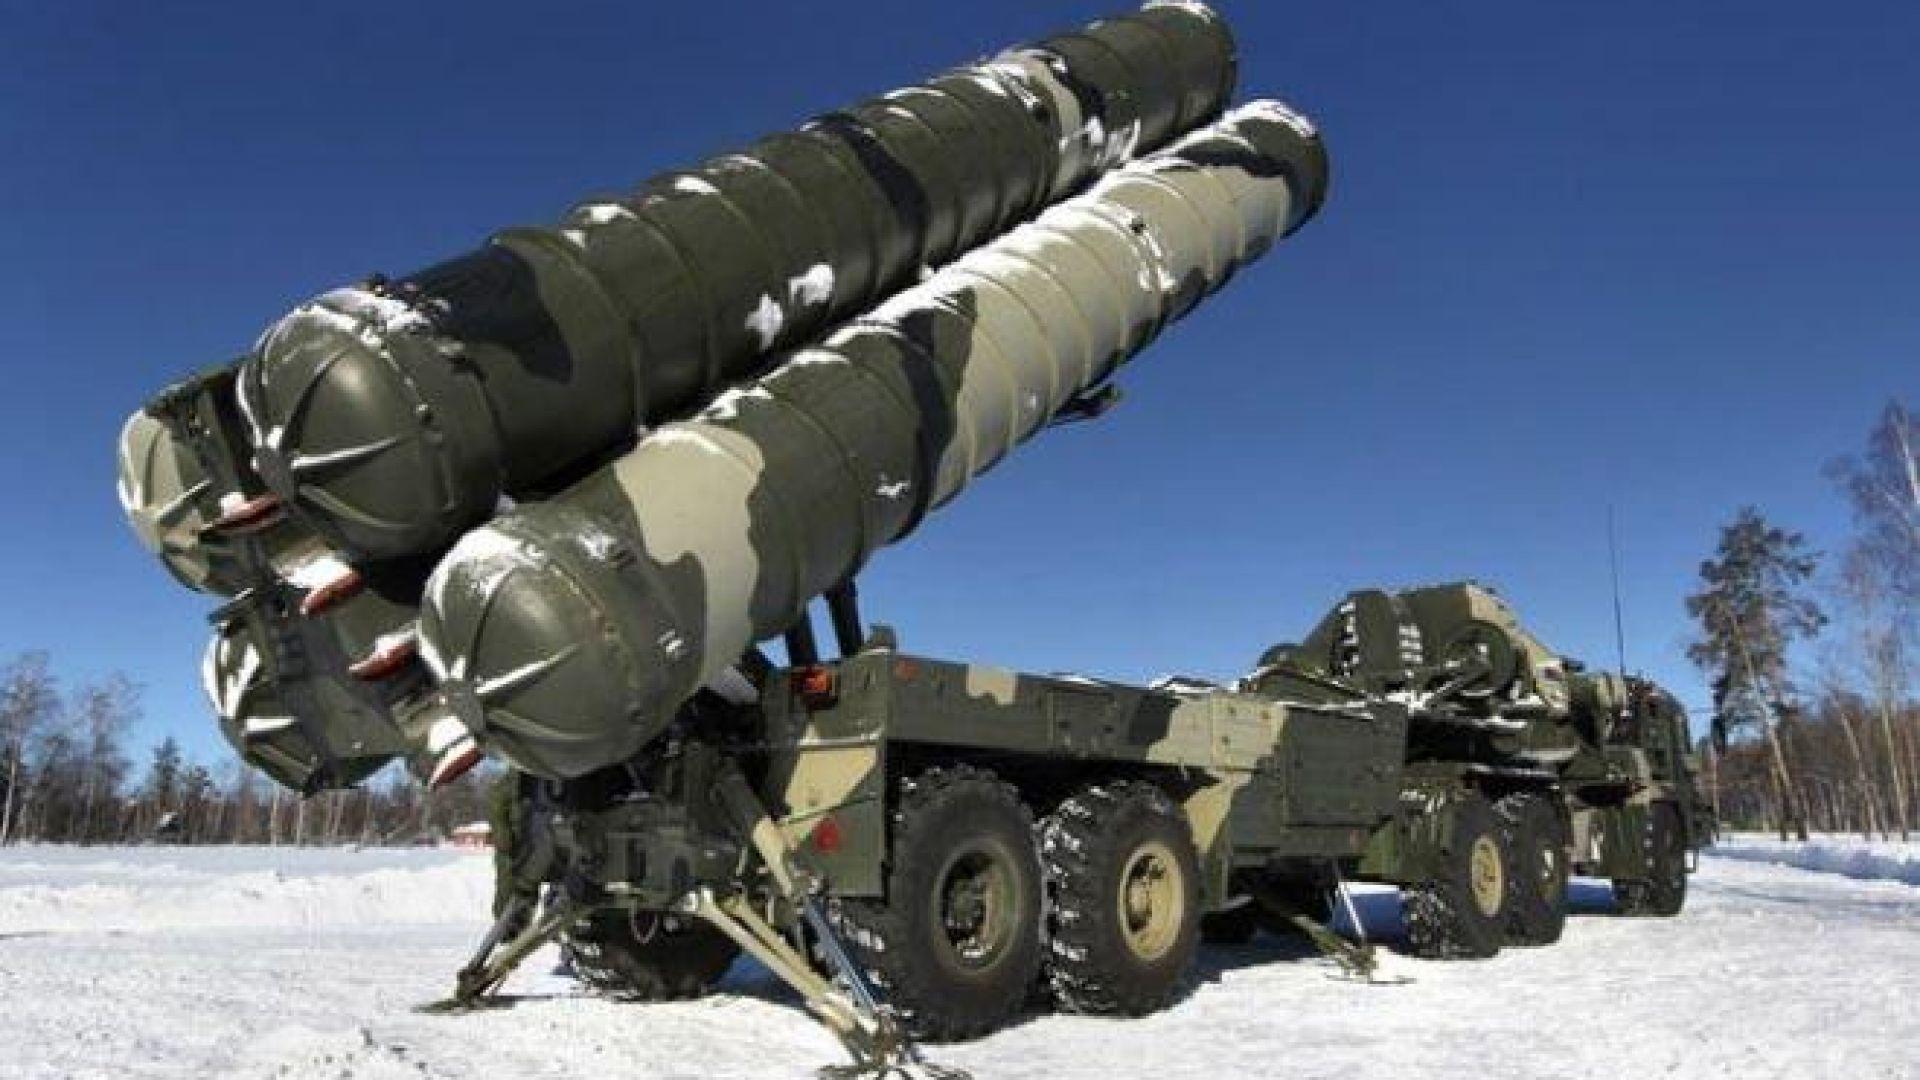 Ще може ли Турция да използва най-новото оръжие на Русия против нея